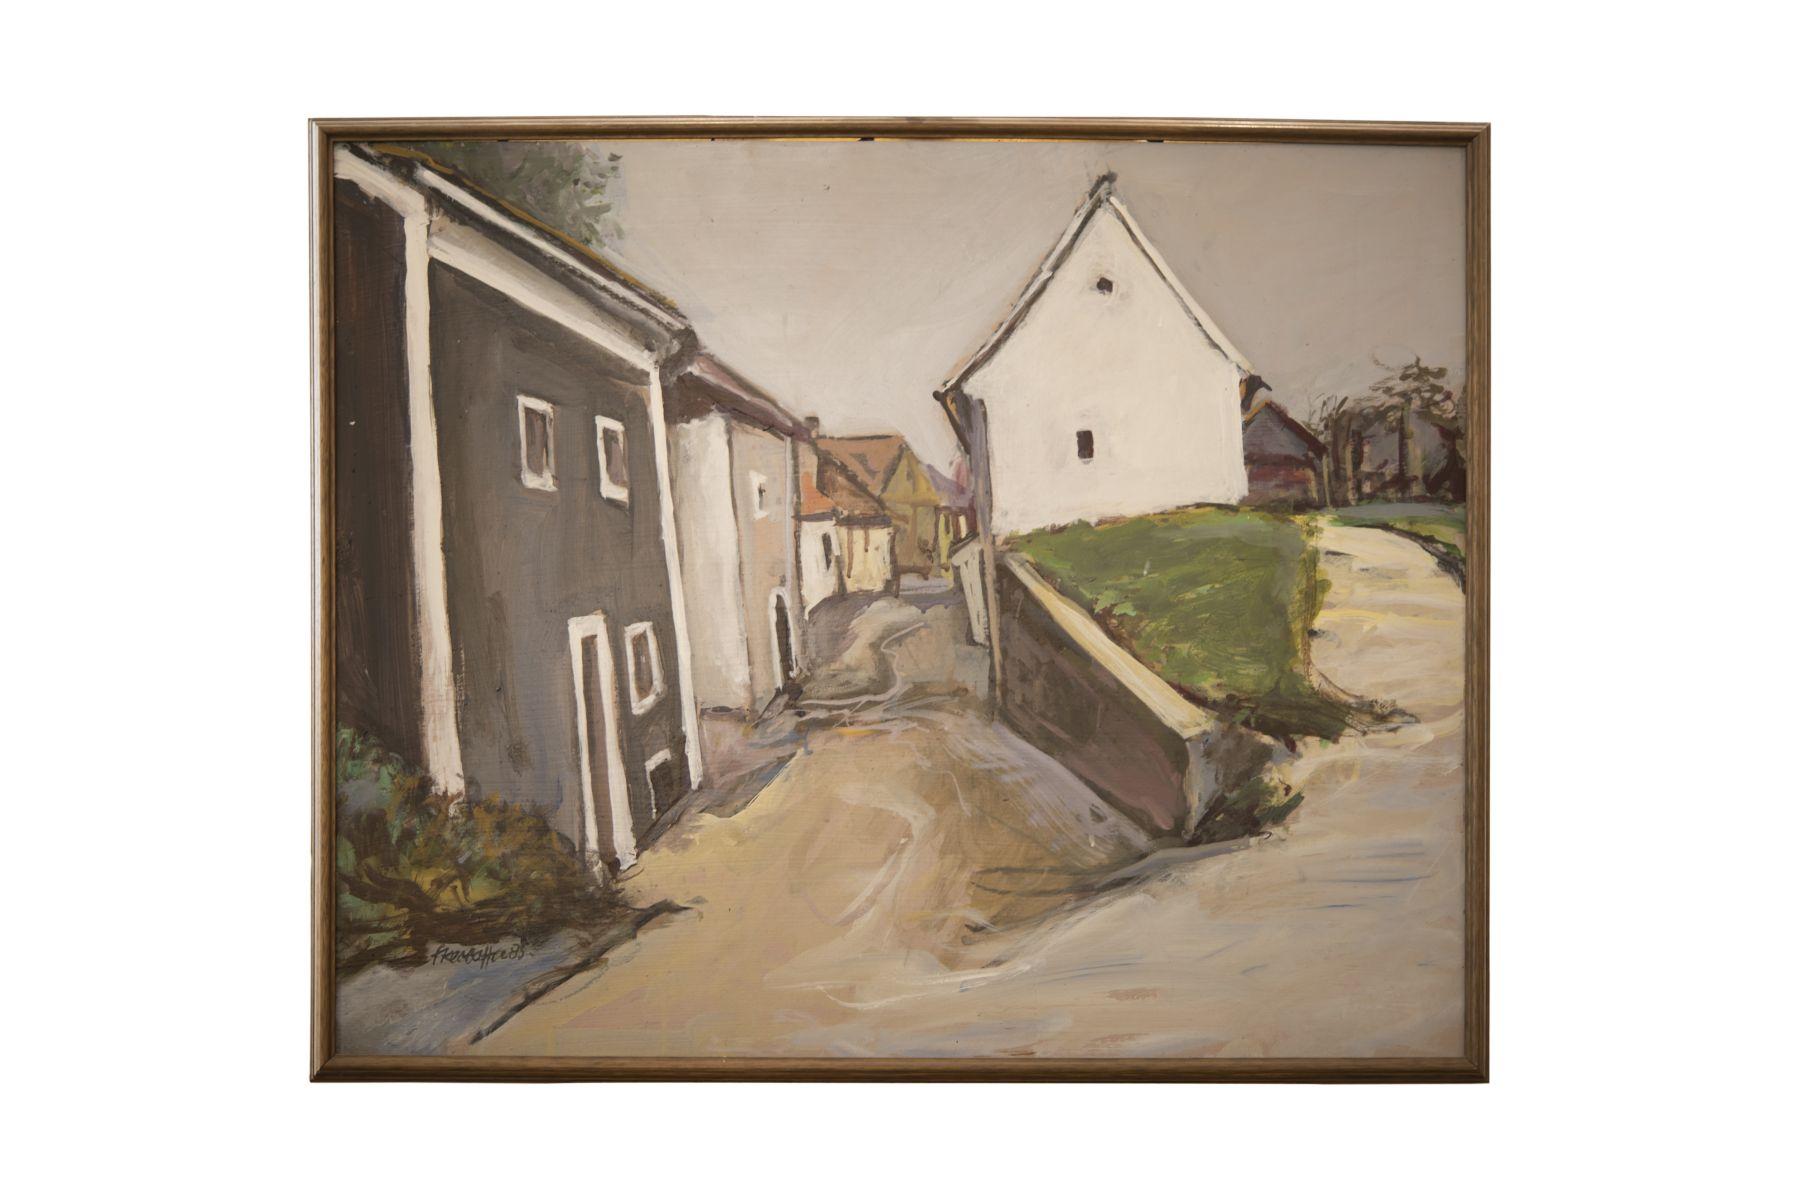 #158 20th C. Artist, Small Alley in a Village | Künstler des 20. Jh.s, Kleine Gasse in einem Dorf Image